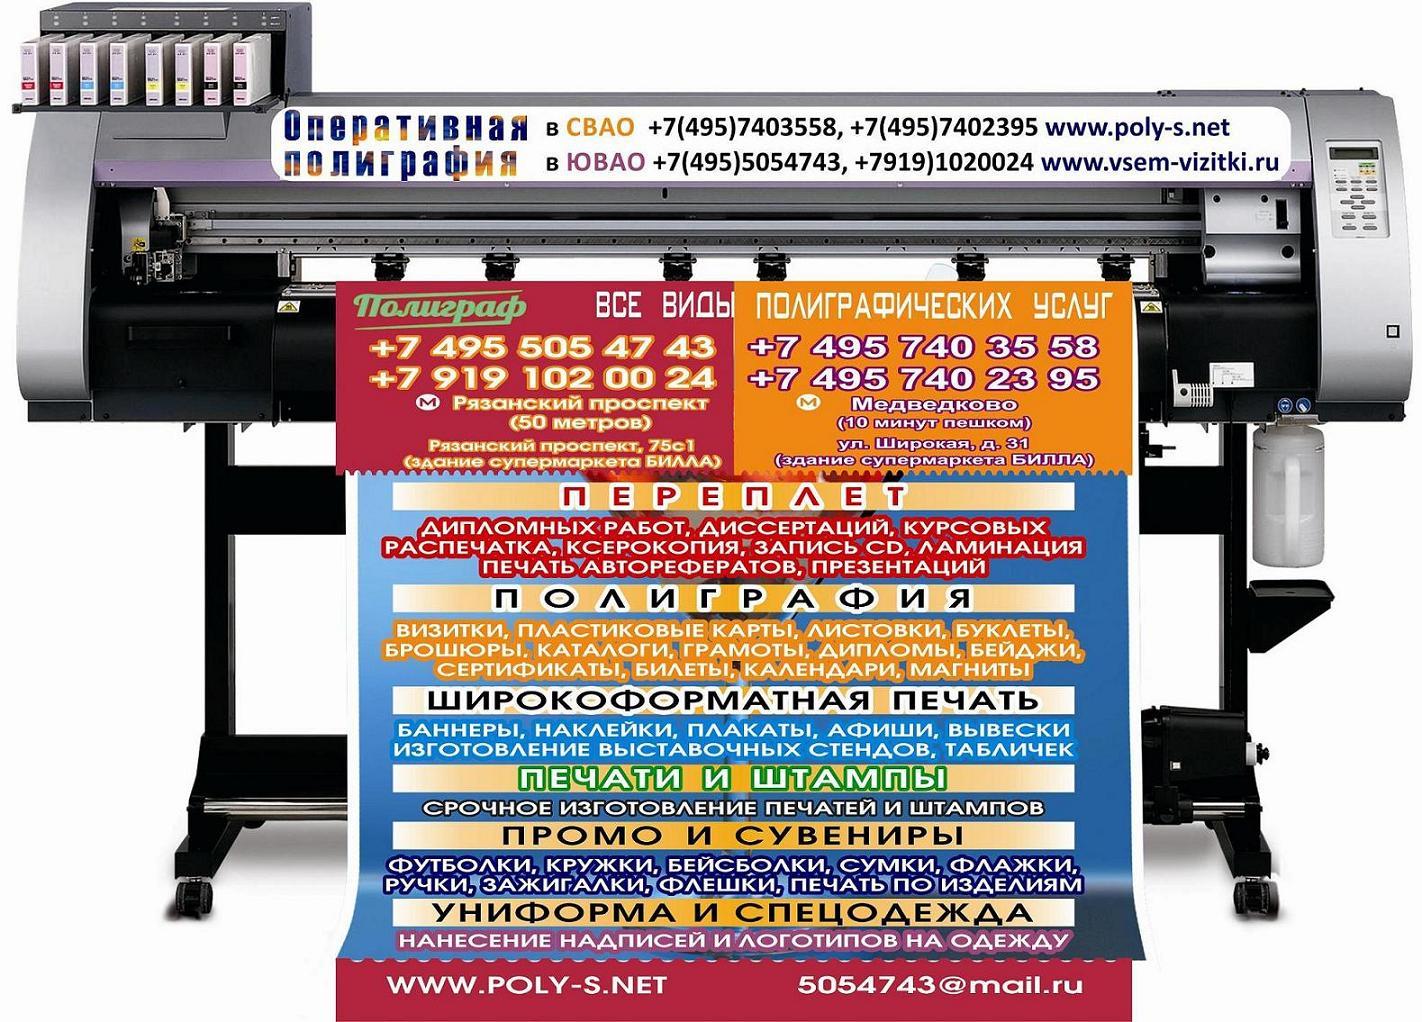 Многофункциональная оперативная типография полного цикла  84955054743 ЮВАО СВА